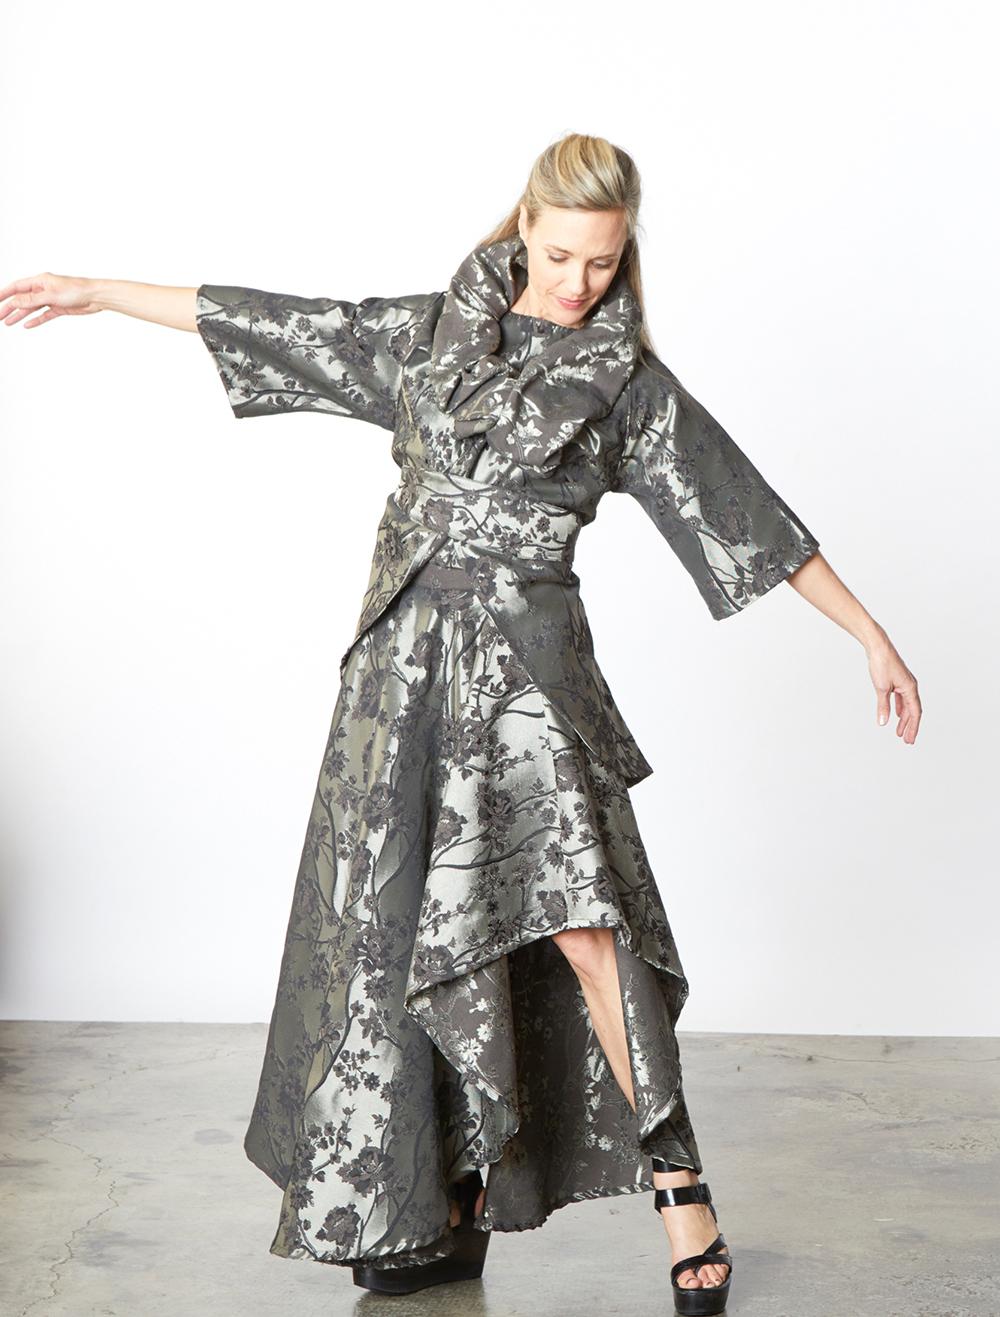 Bowie Jacket, Crop Vest, Grange Skirt in Silver Broccatello Fiori